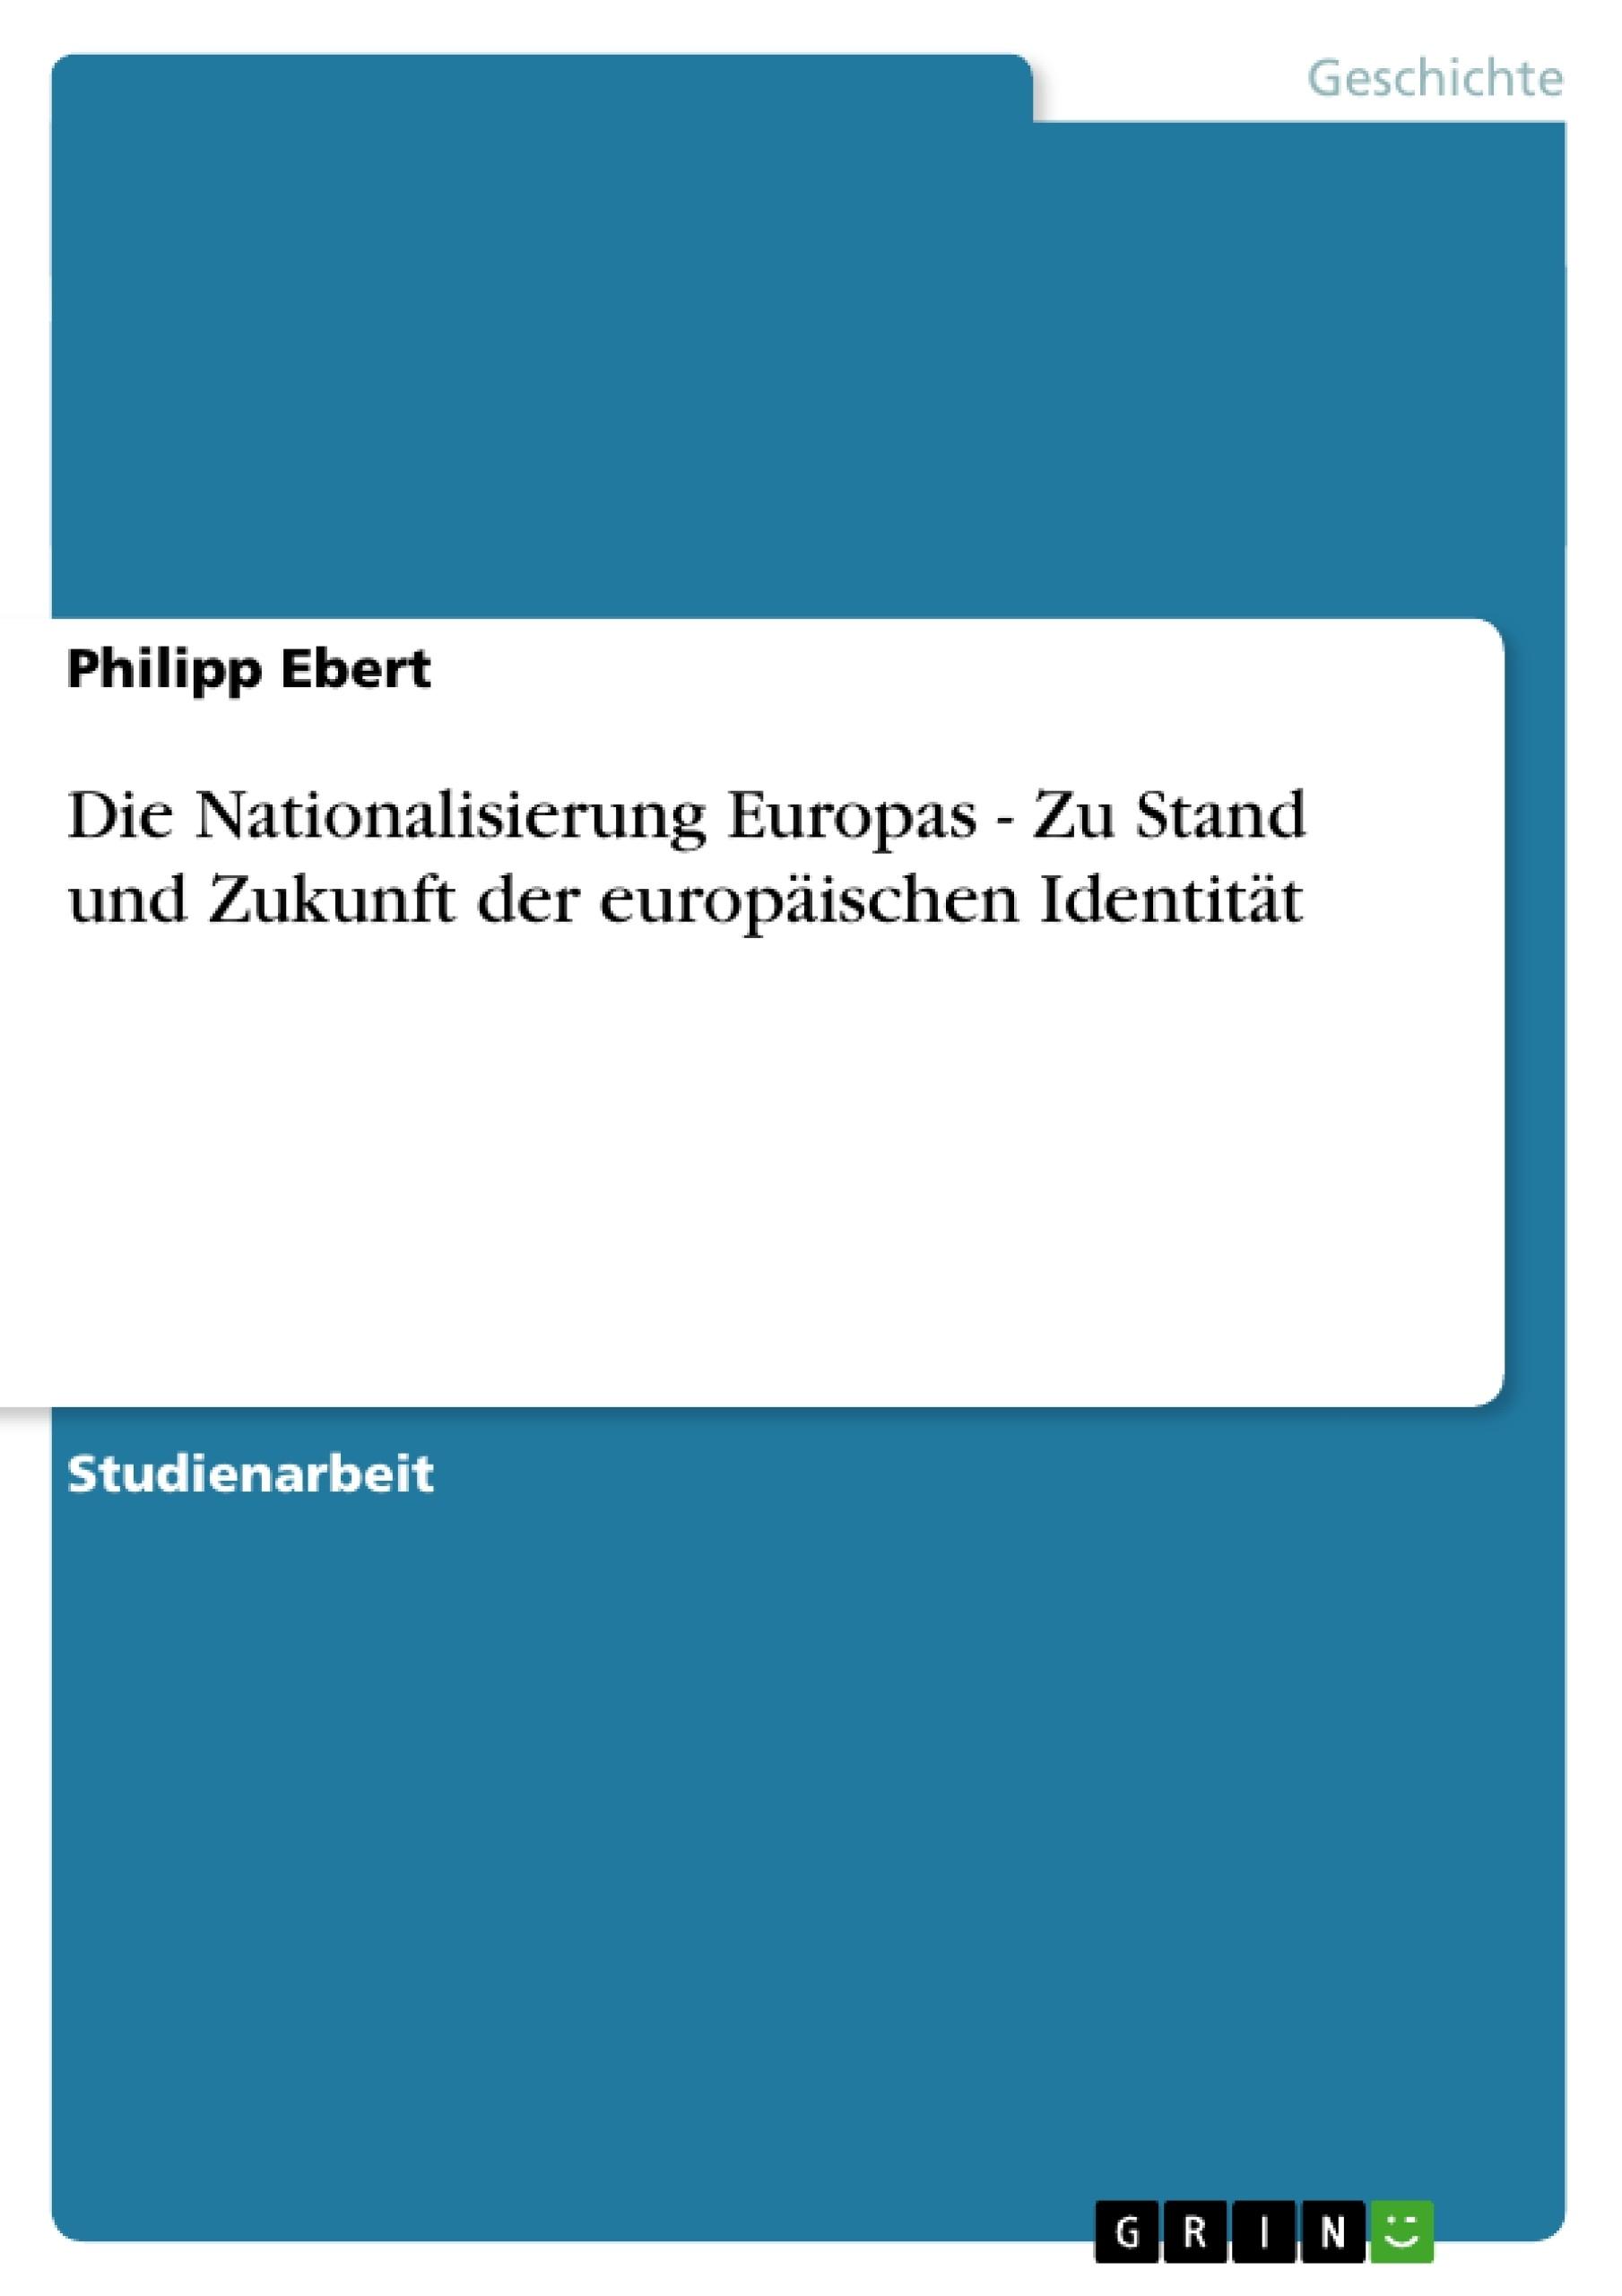 Titel: Die Nationalisierung Europas - Zu Stand und Zukunft der europäischen Identität